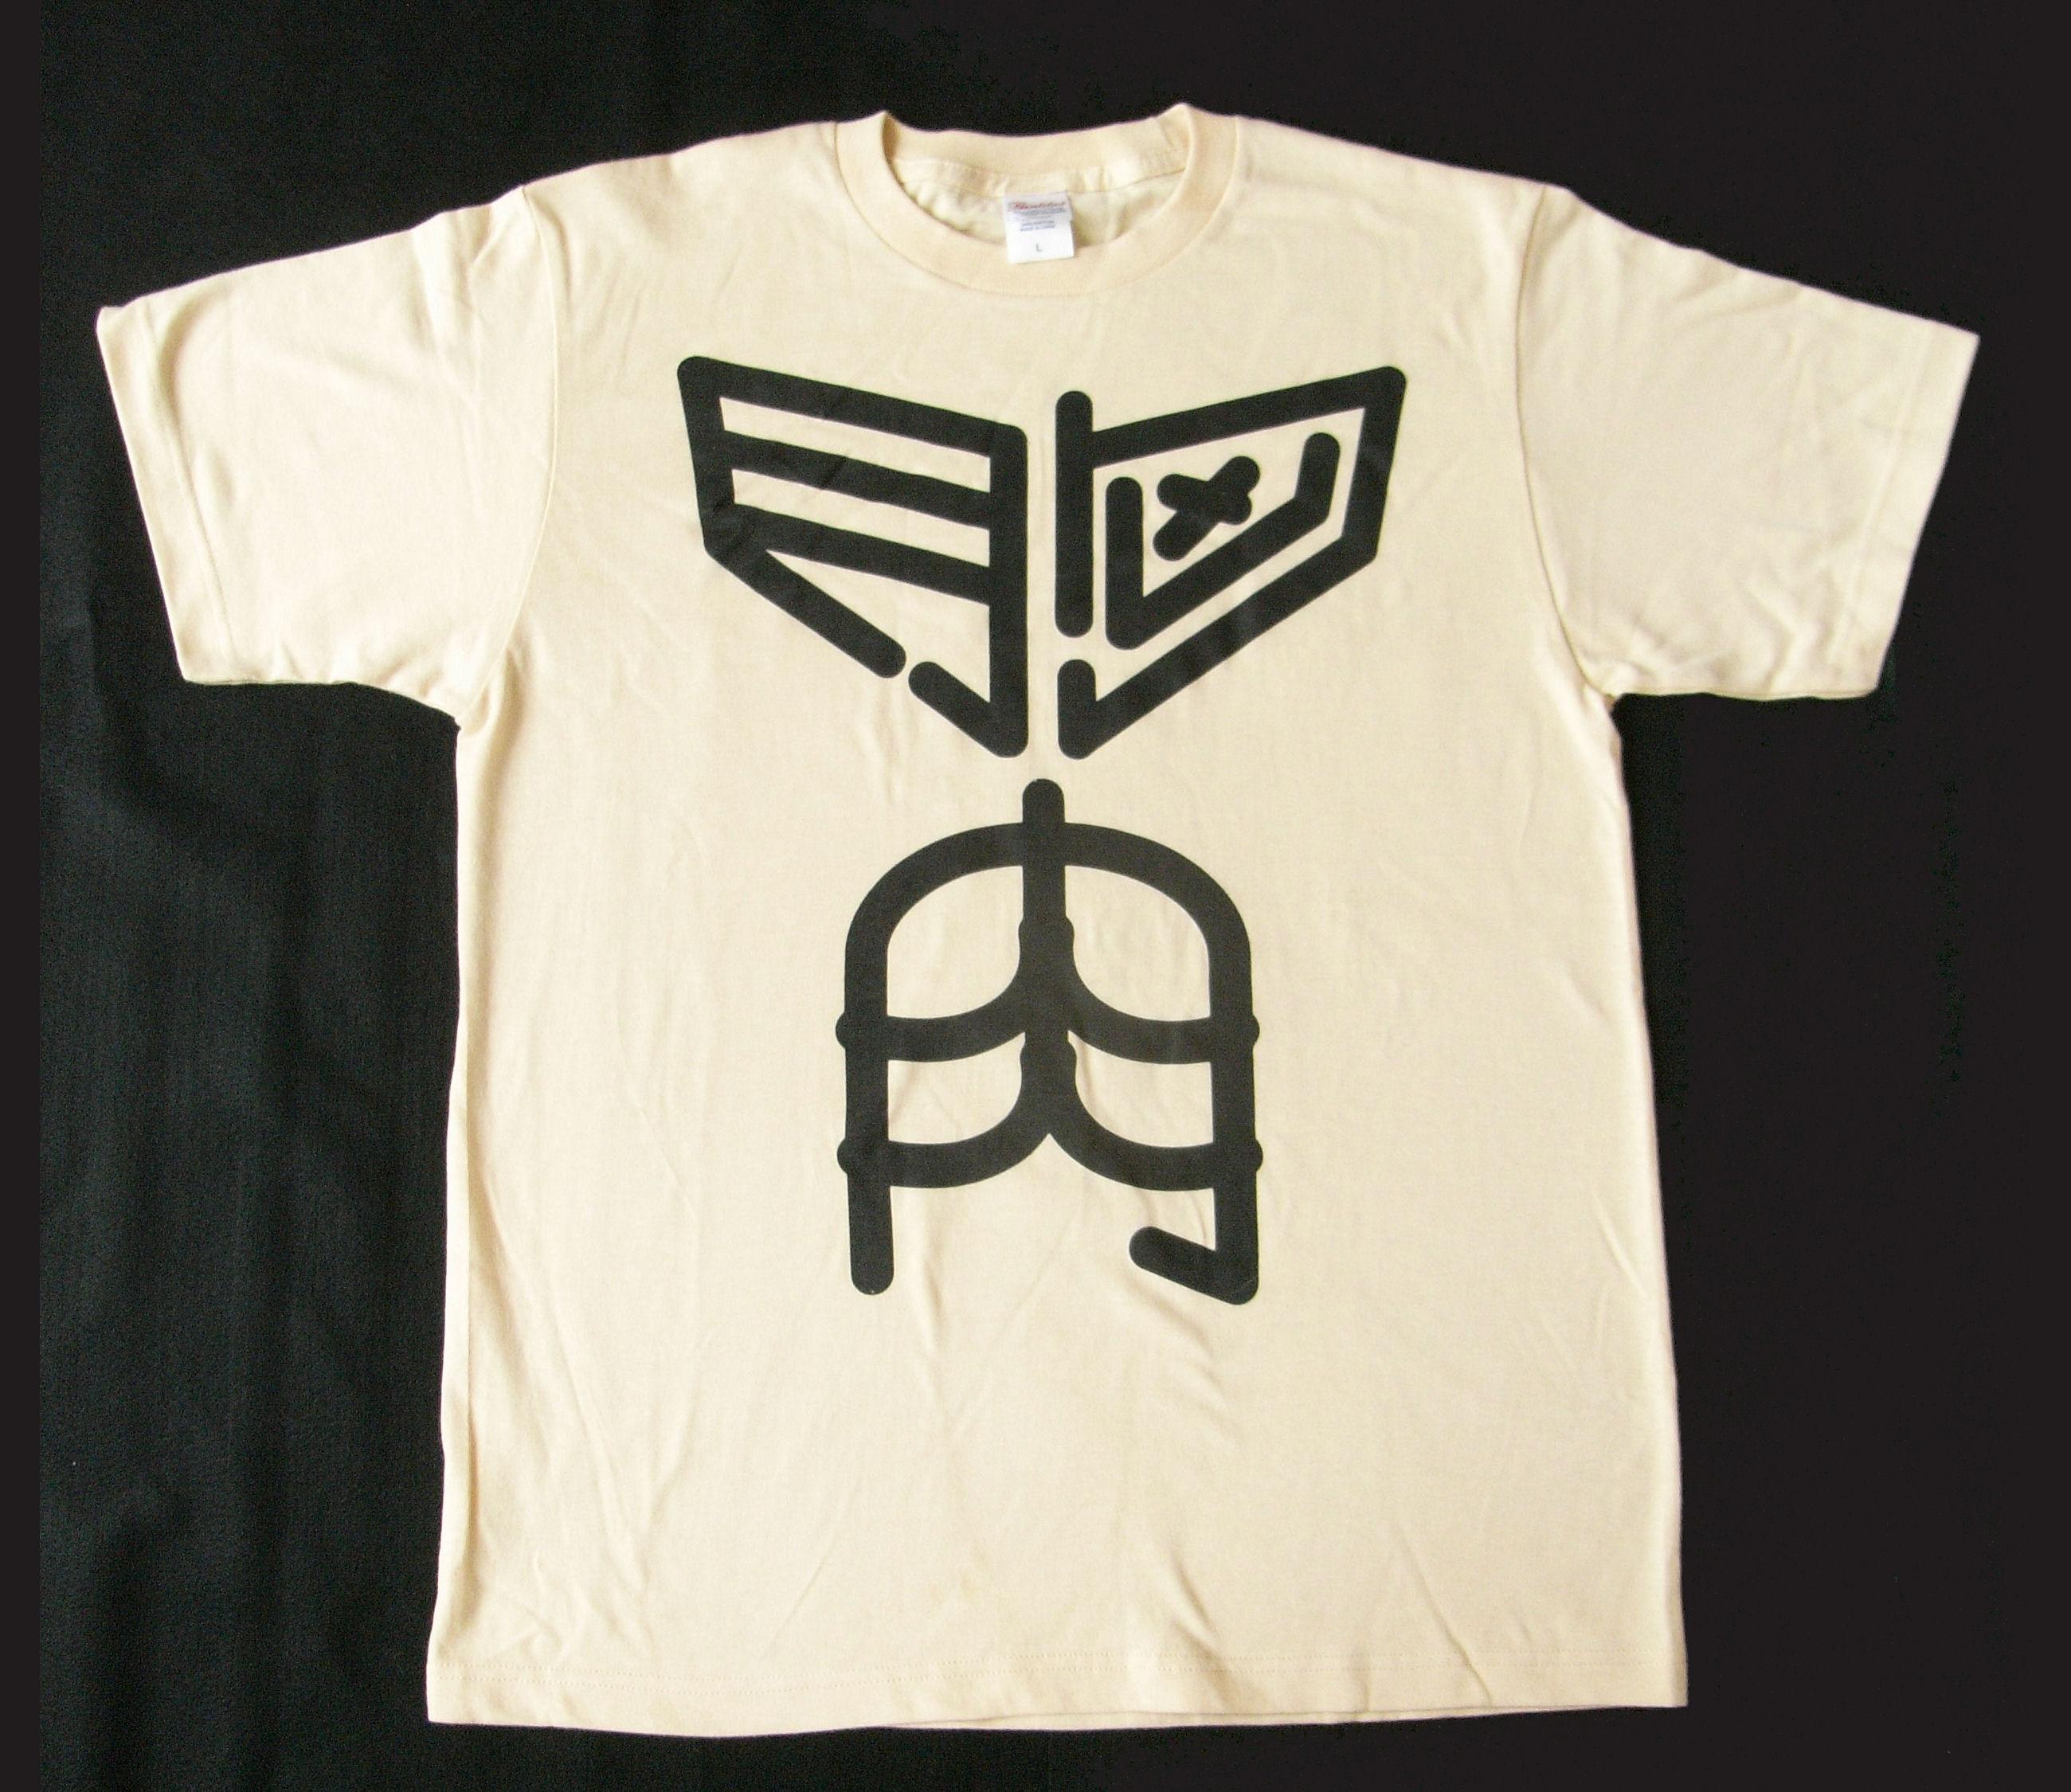 胸肉背骨Tシャツ(色・ナチュラル、サイズ・L)画像